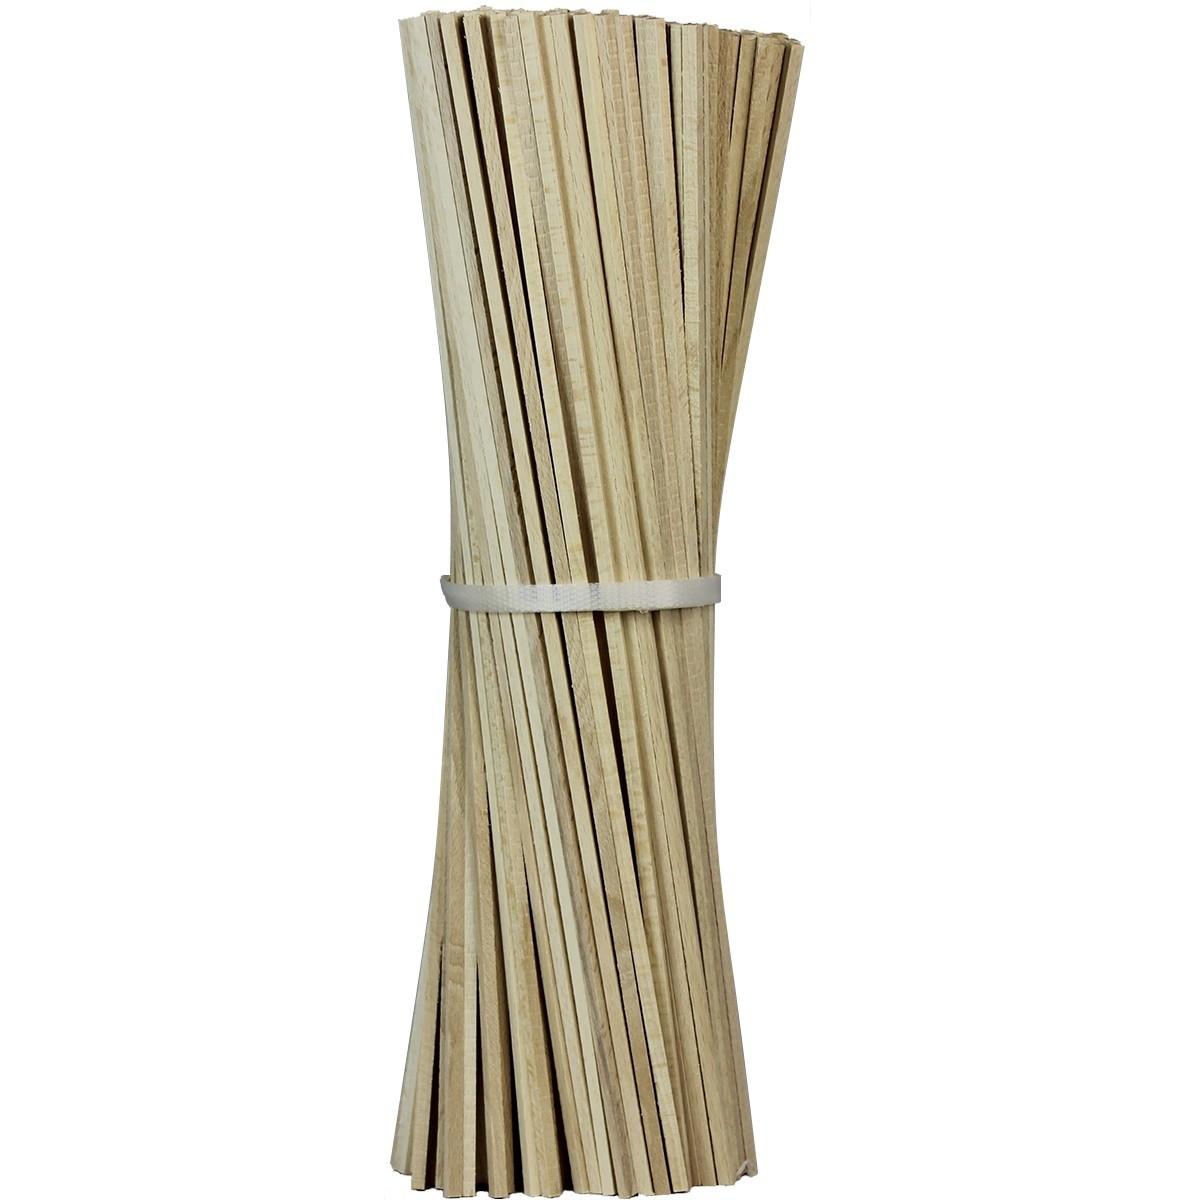 Lot de 100 bâtons en bois pour barbe à papa - 35 cm